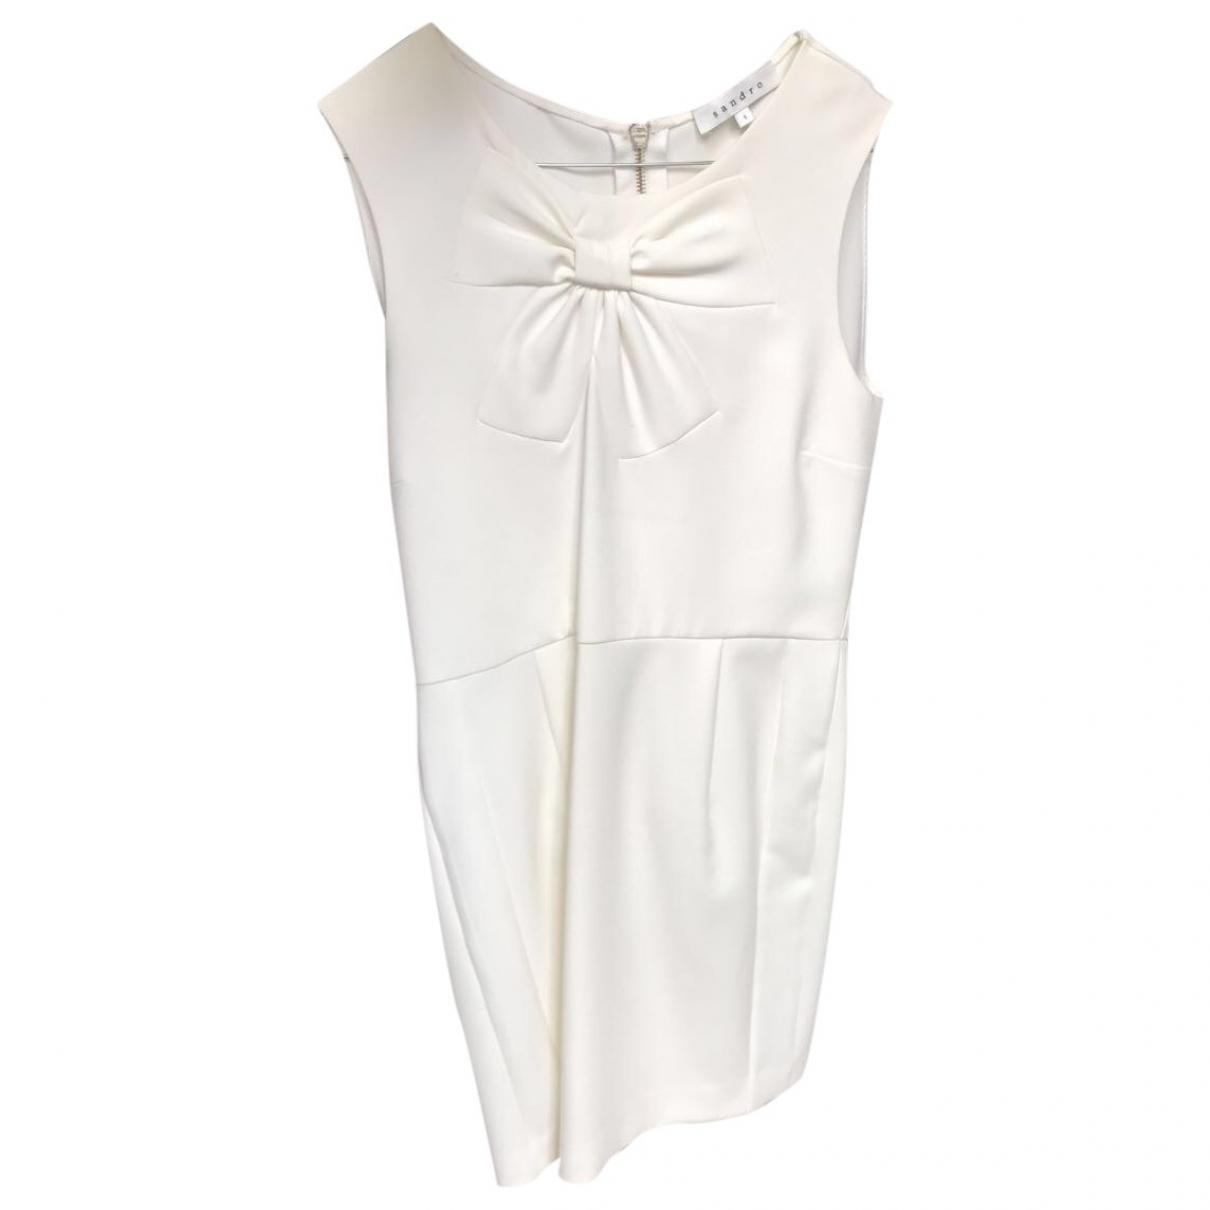 Sandro \N White Cotton dress for Women 1 0-5